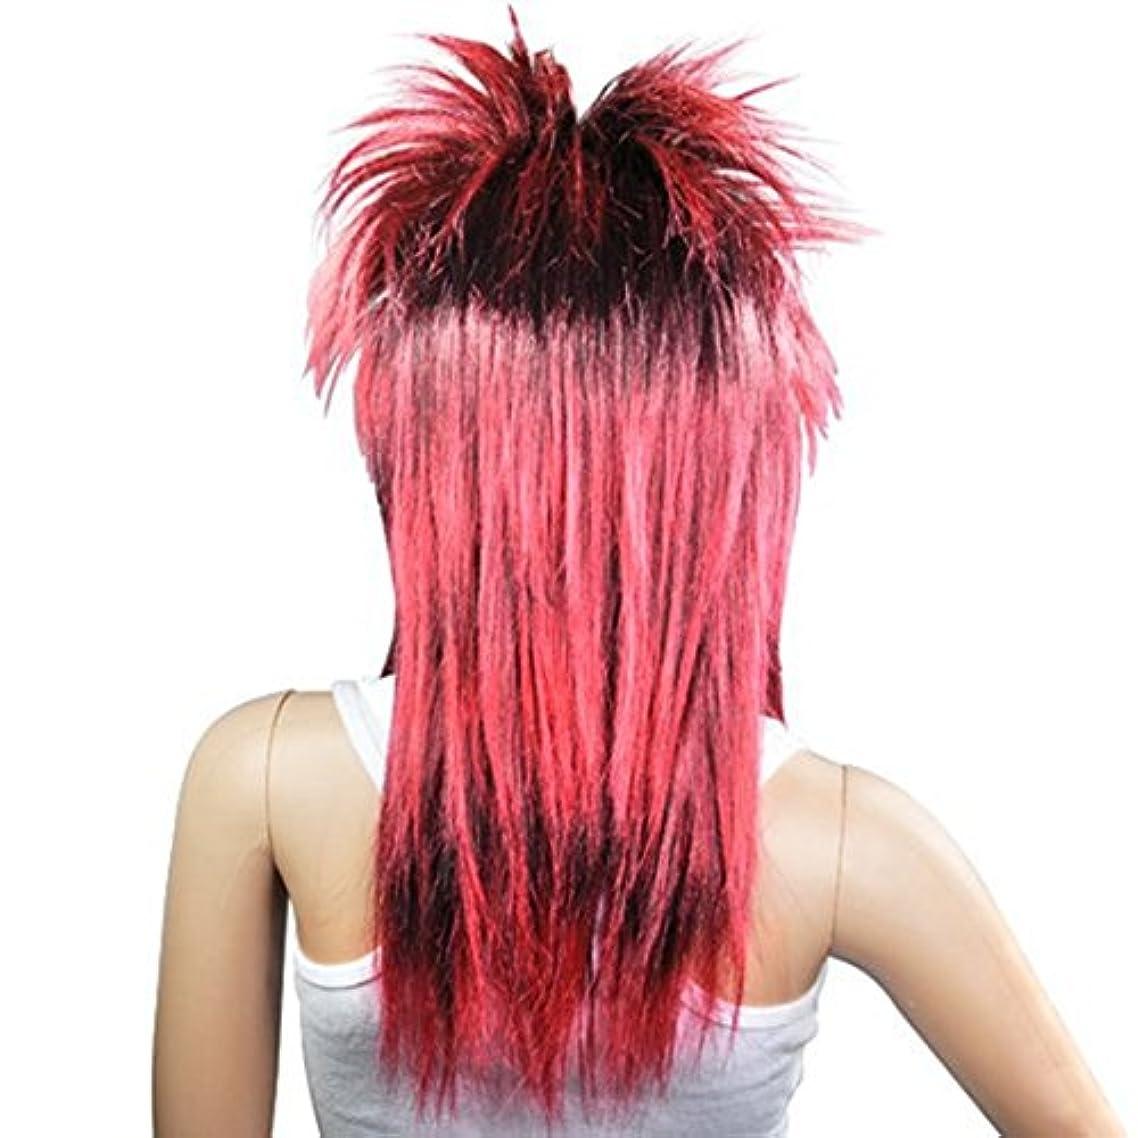 コントローラ許可医薬品Cikuso 赤黒 女性の魅力的なパンクロッカーチックティナ?ターナーカーニバルかつら仮装コスチューム